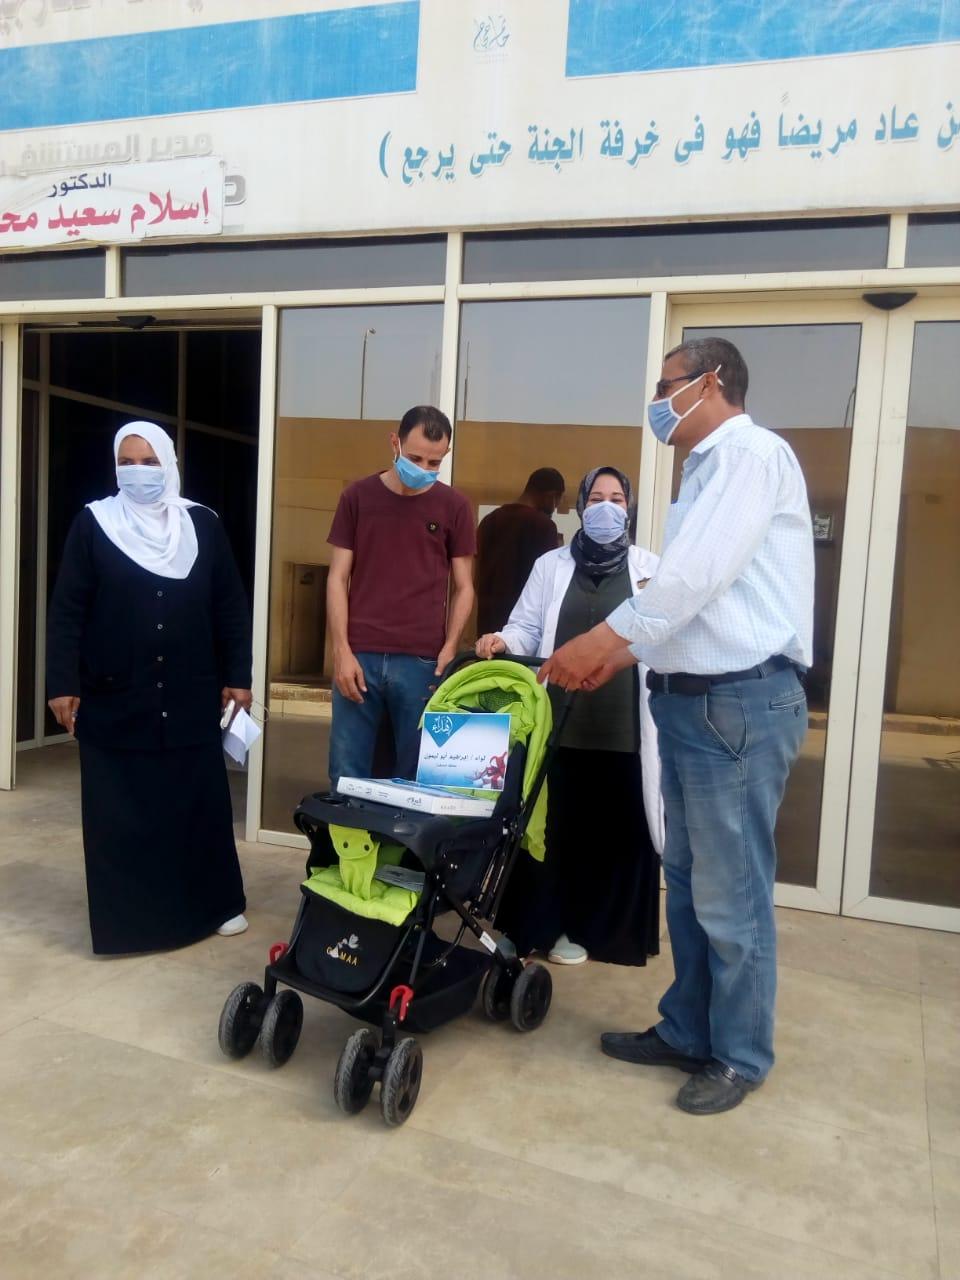 عجلة وكوفرته هدية محافظ المنوفية لأول مولود داخل العزل الصحي بالباجور (4)